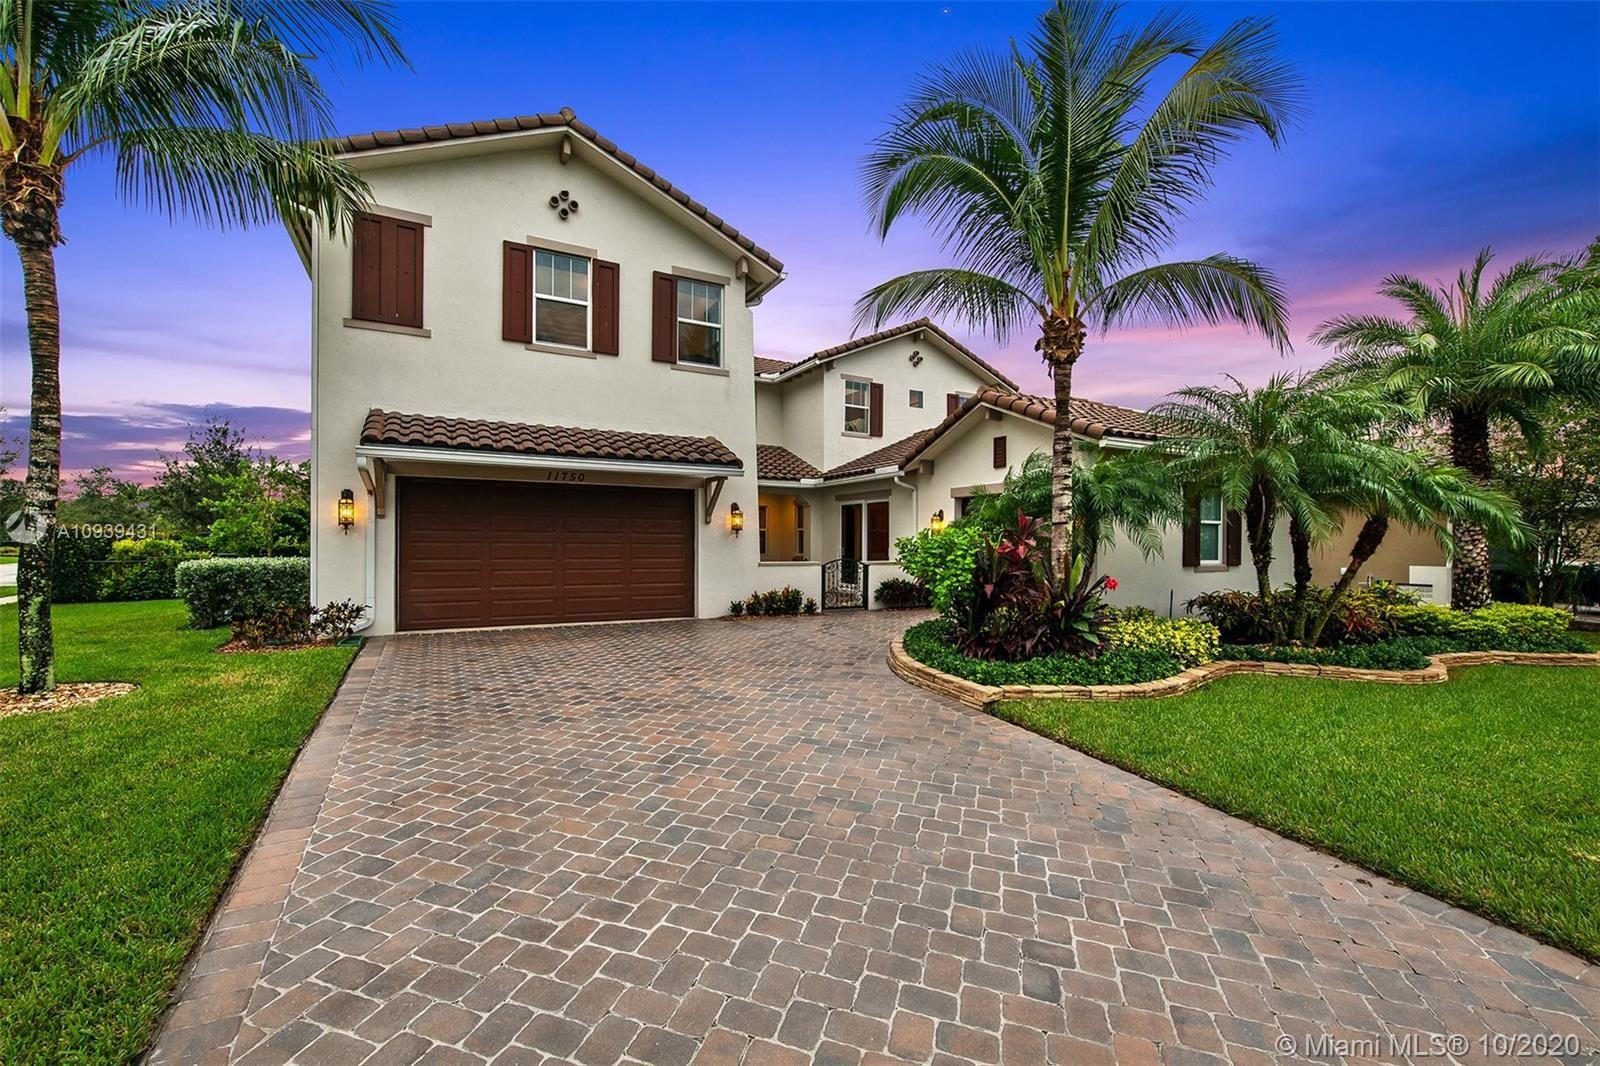 11750 NW 81st Court, Parkland, FL 33076 - #: A10939431